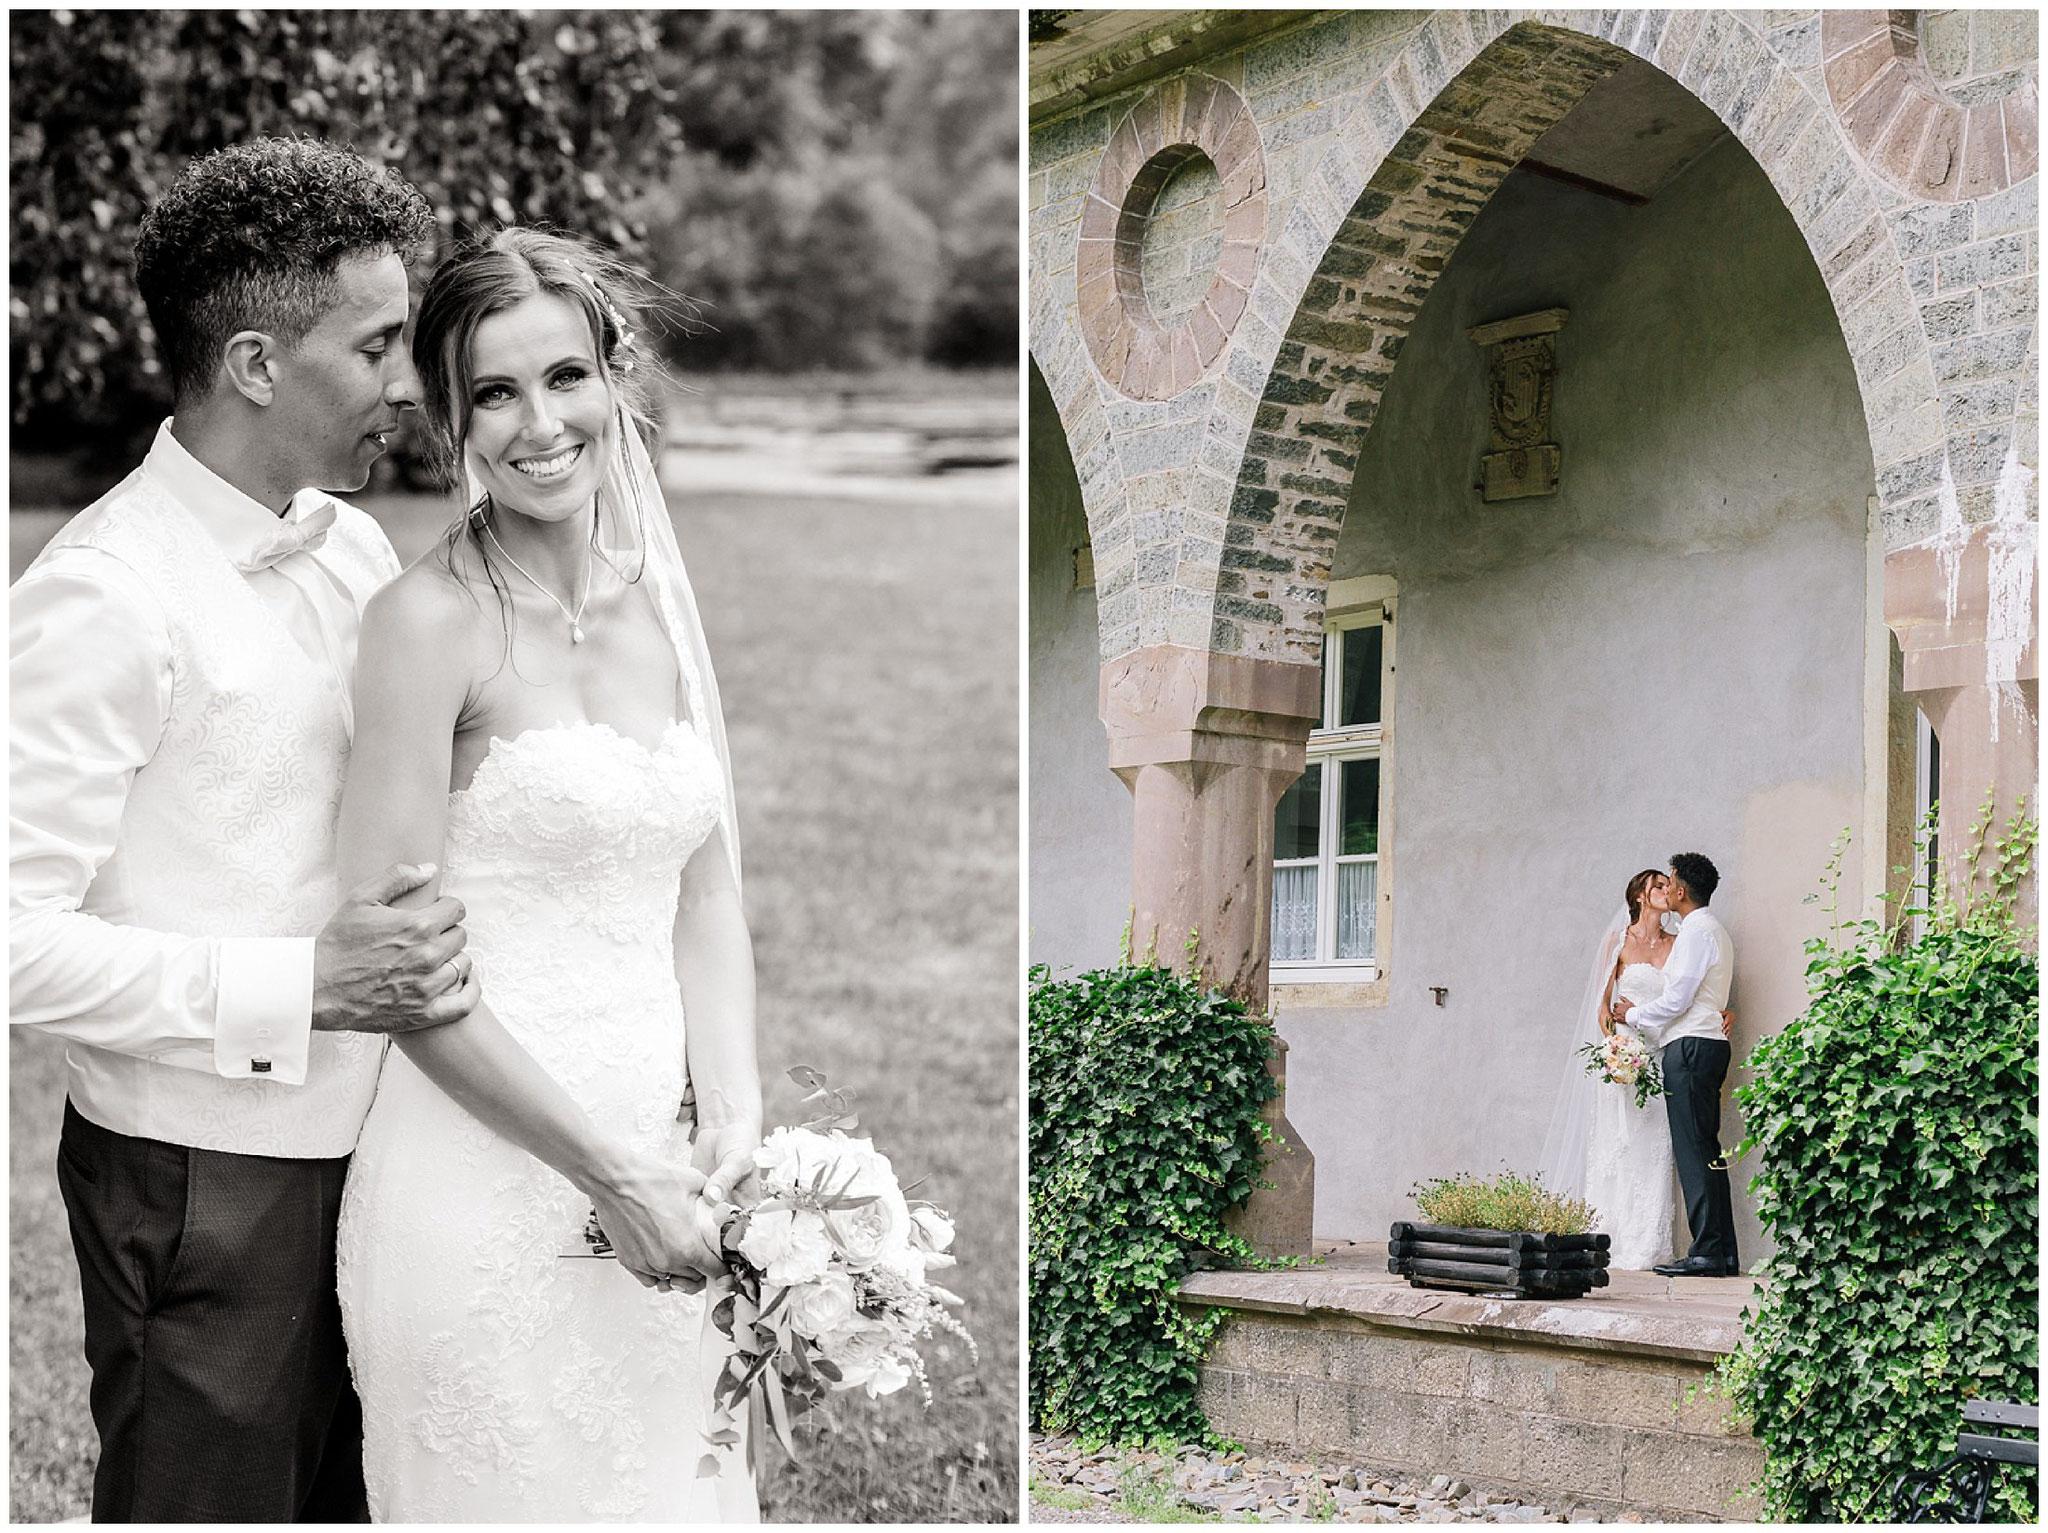 Brautpaar portrait schwarz weiß hochzeitsfotograf Engelskirchen industrial chic hochzeit fine art wedding Galerie Hammerwerk jane weber